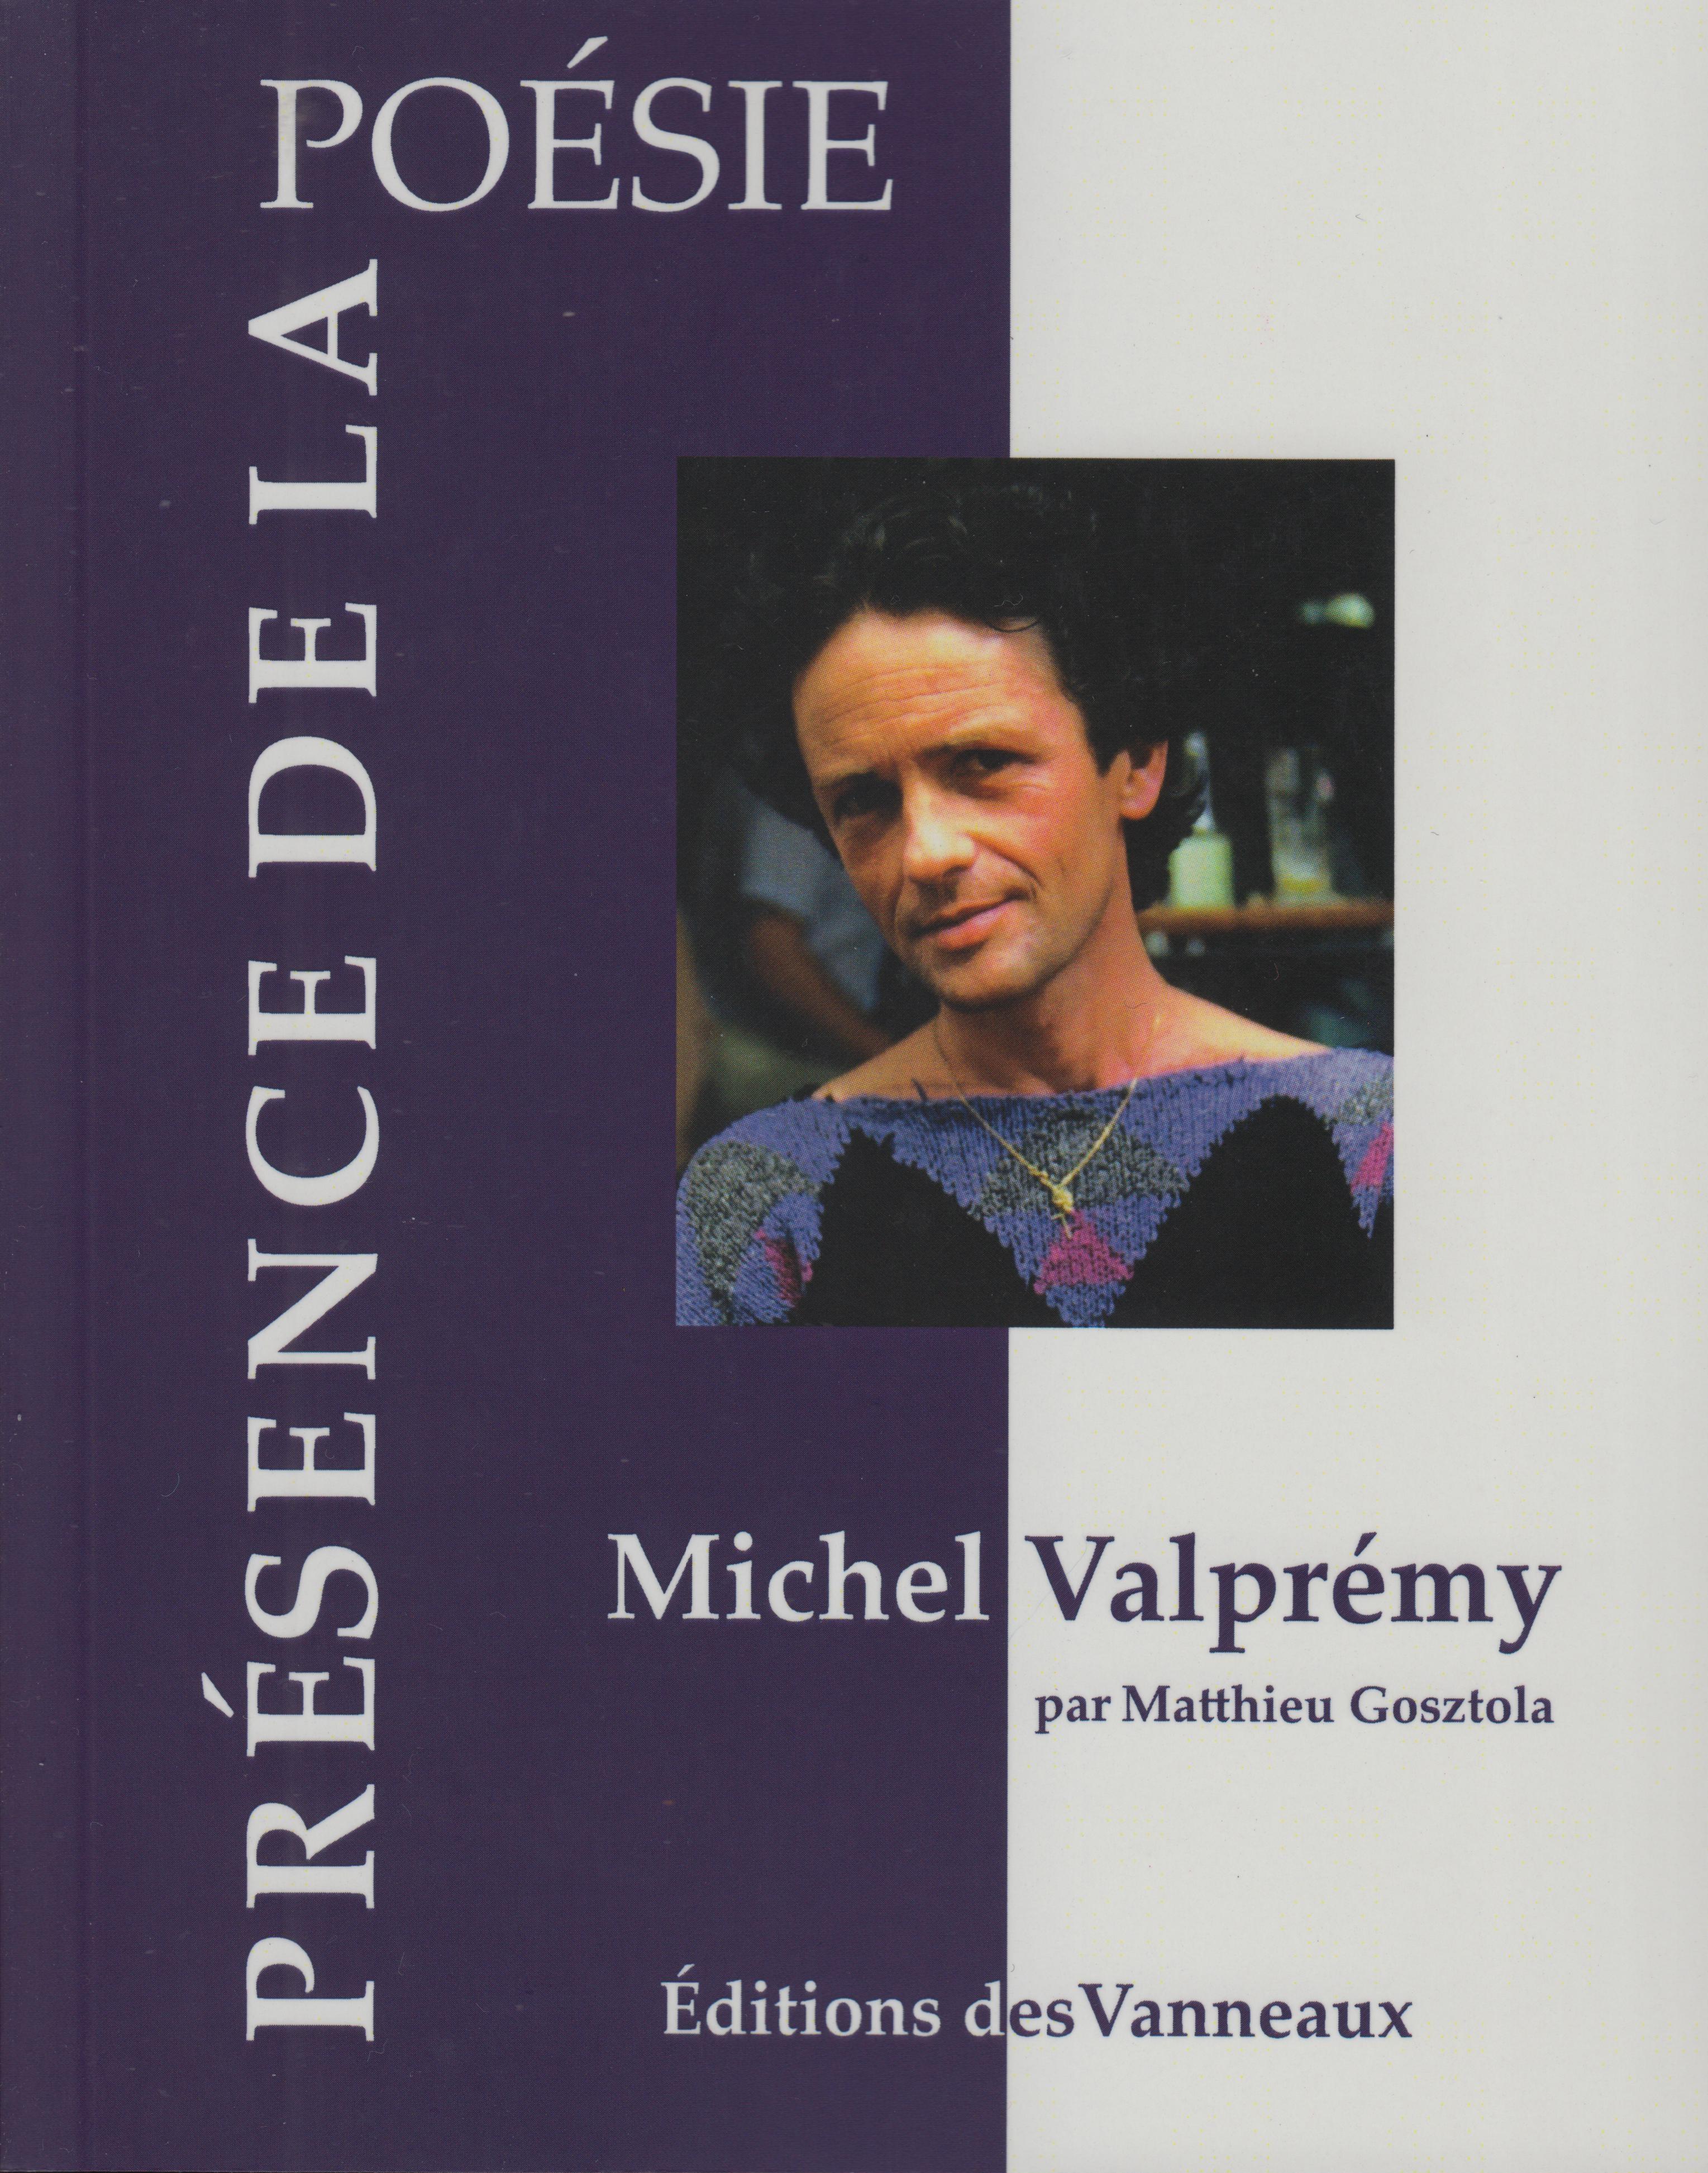 M. Gosztola, Michel Valprémy (1947-2007)